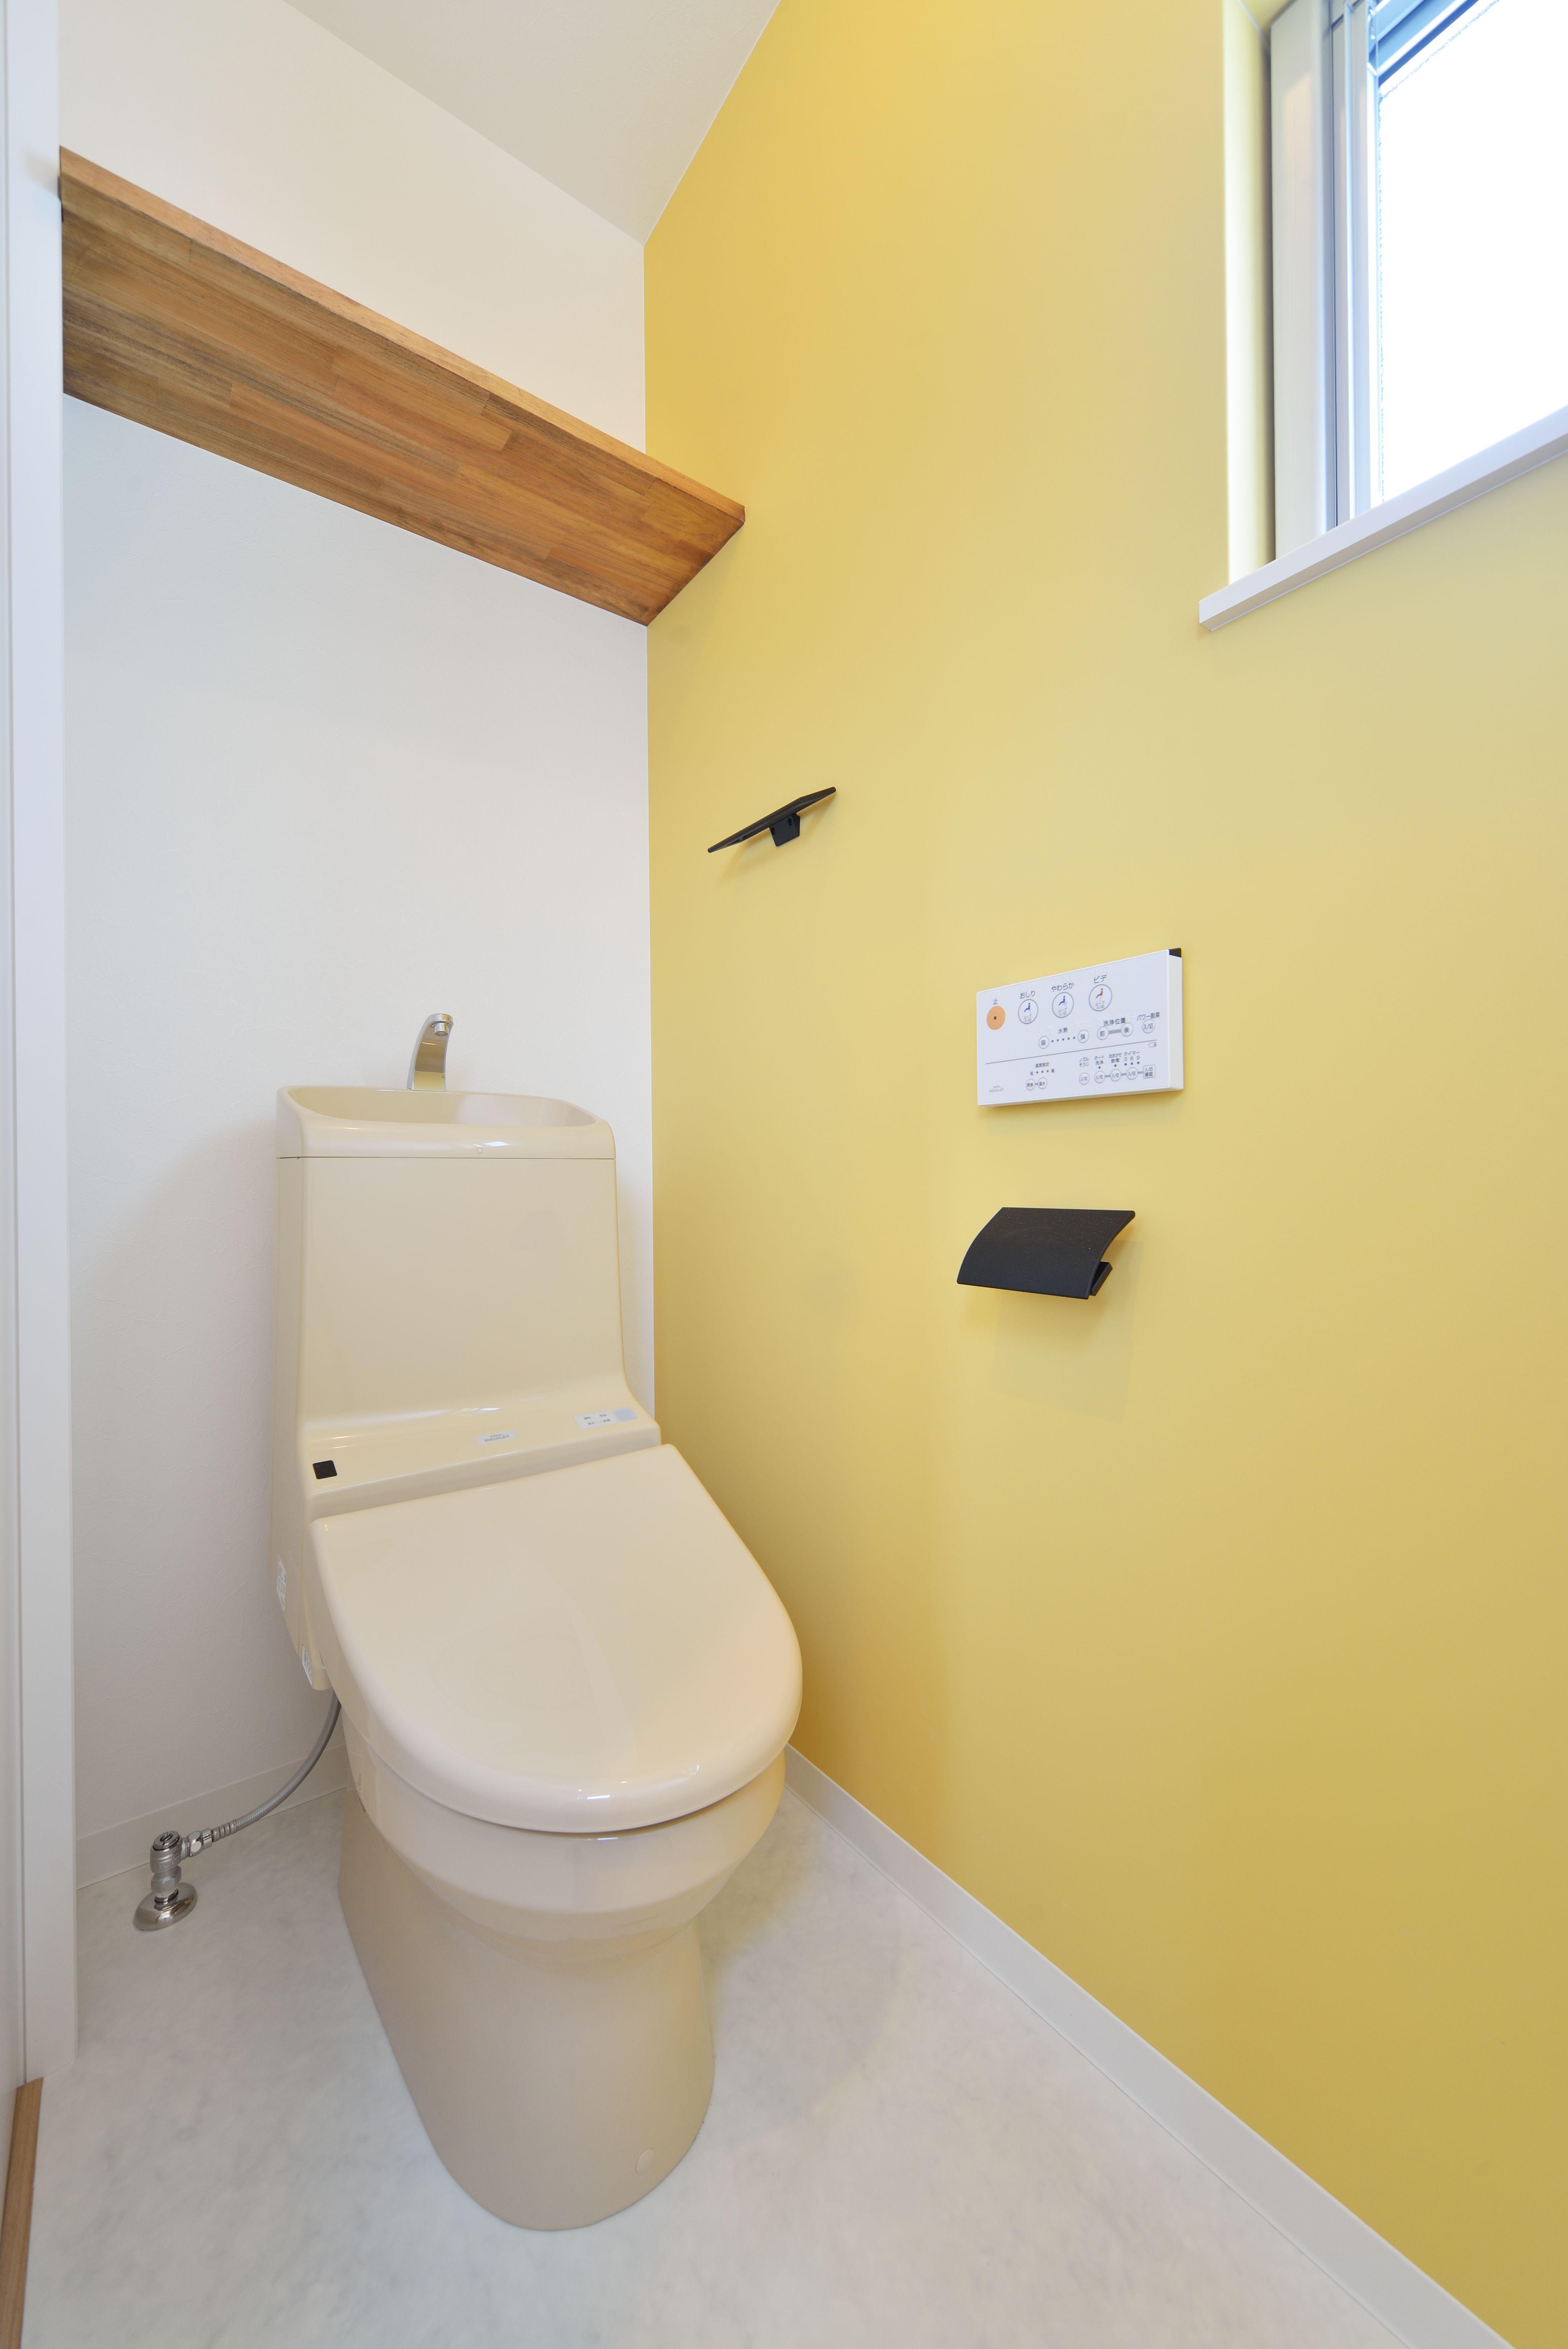 レモンイエローの壁紙が可愛いトイレ トイレ インテリア トイレ 壁紙 トイレのアイデア